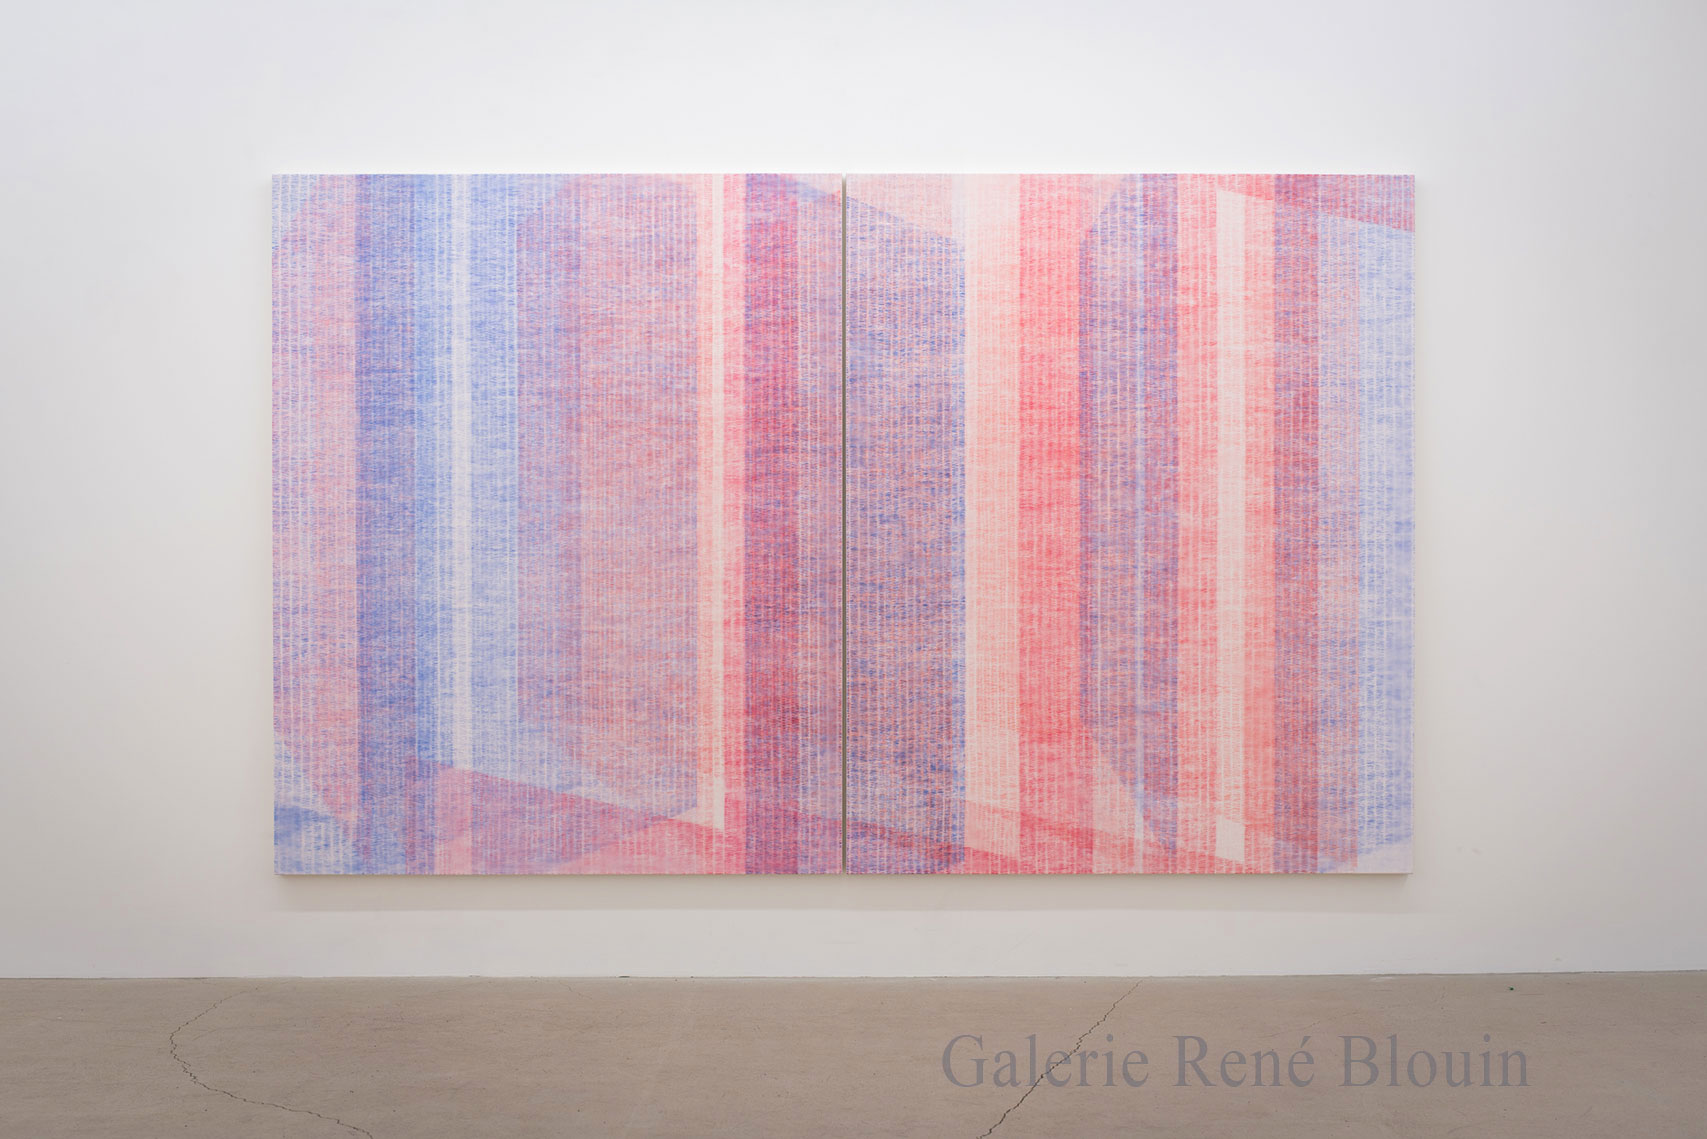 Marie-Claire Blais, Être la porte qui s'ouvre 5, 2016, acrylique sur toile, 203 x 330 cm / 80 x 130 pouces. Photo : Marie-Claire Blais